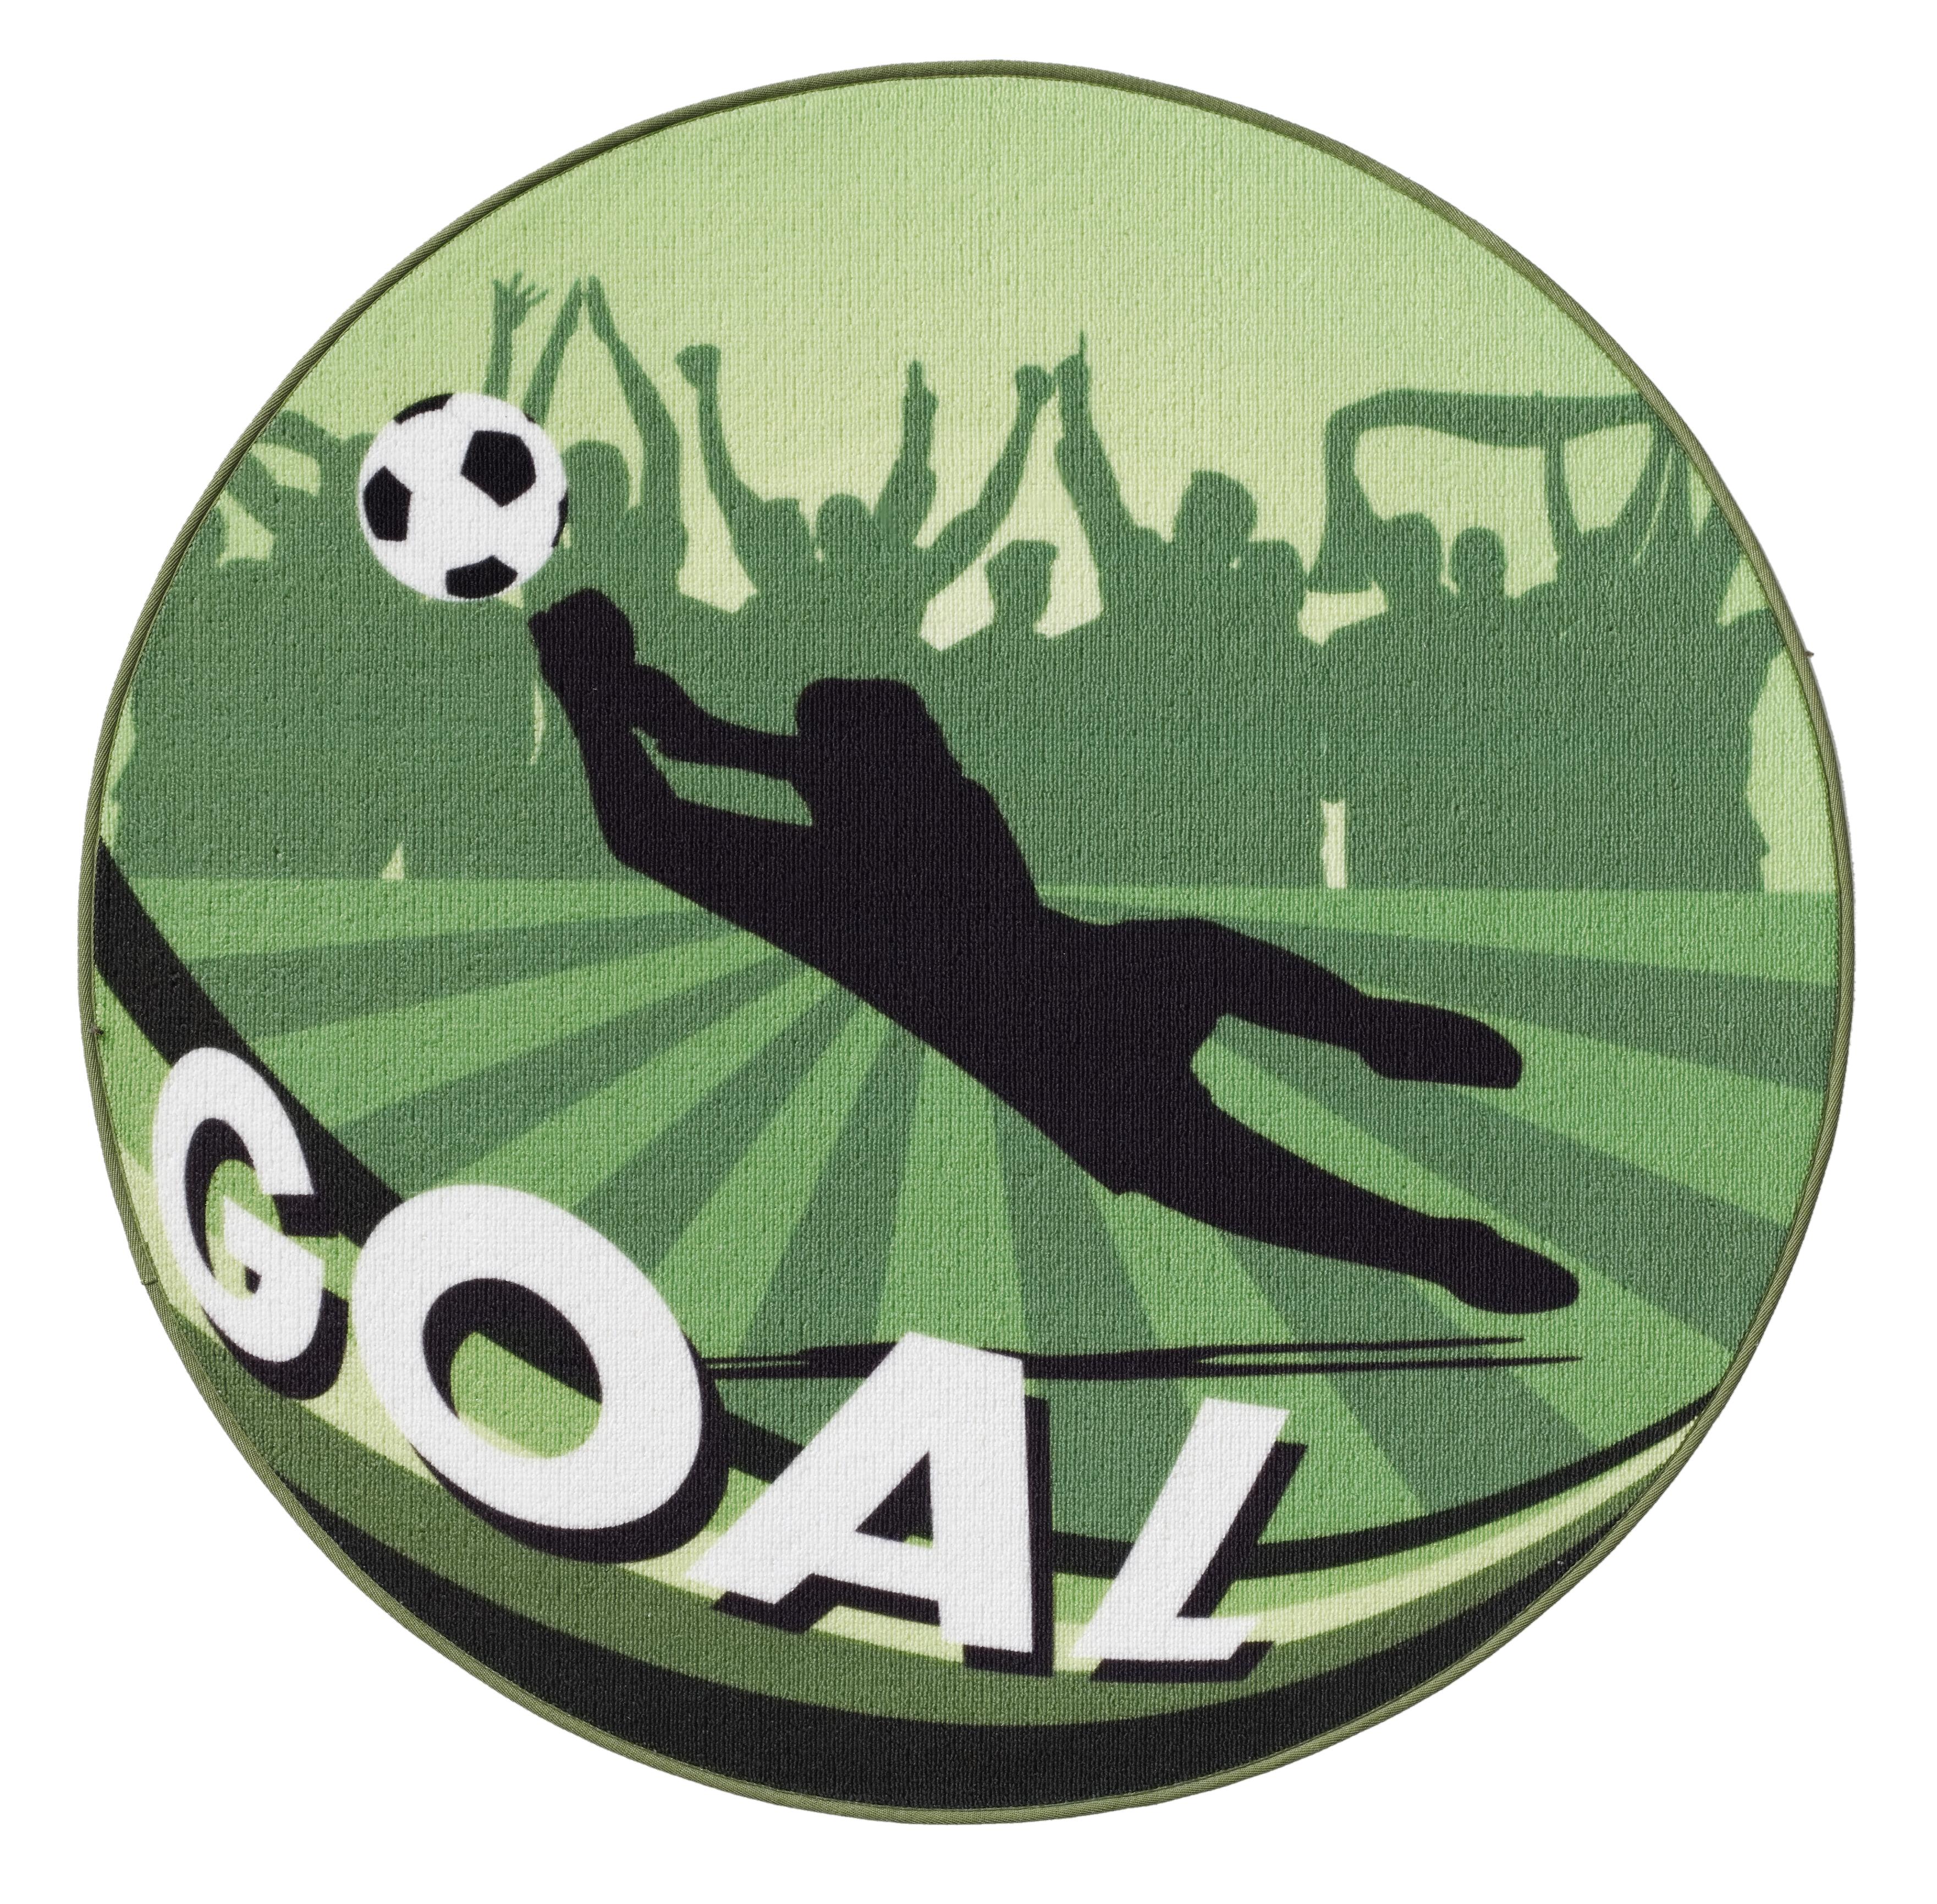 Pallone da calcio tappeto bambini tappeto gioco goal verde - Tappeto riscaldamento pavimento ...